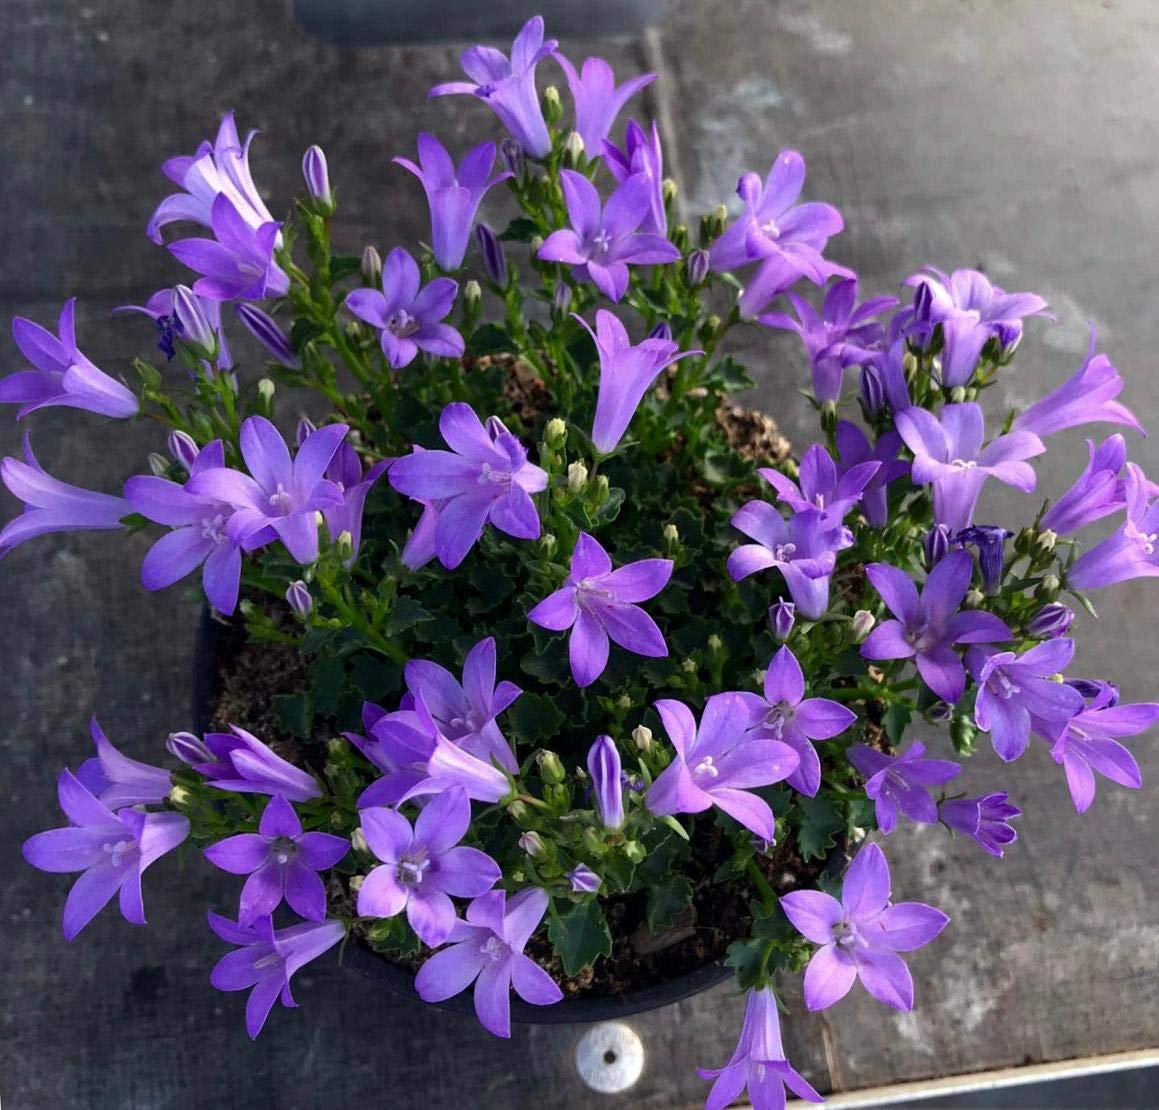 Campanula Pack 6 Plantas -Planta Ornamental- Planta Natural - Campanillas - Flores de Jardin 13cm ø - Vipar Garden 13: Amazon.es: Jardín